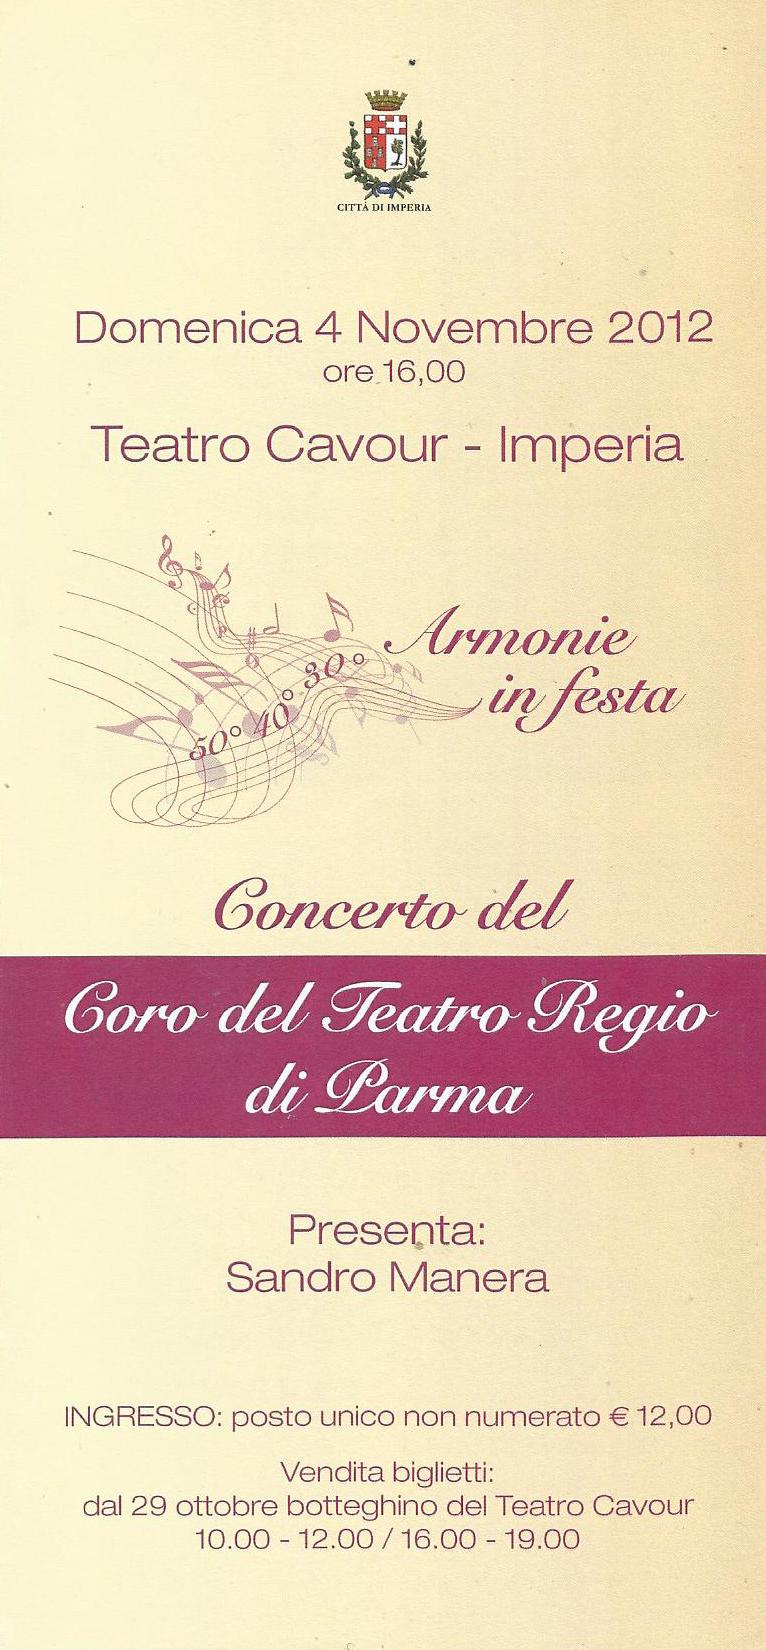 Concerto-Coro-Teatro-Regio-di-Parma-4-novembre-2012-T.Cavour